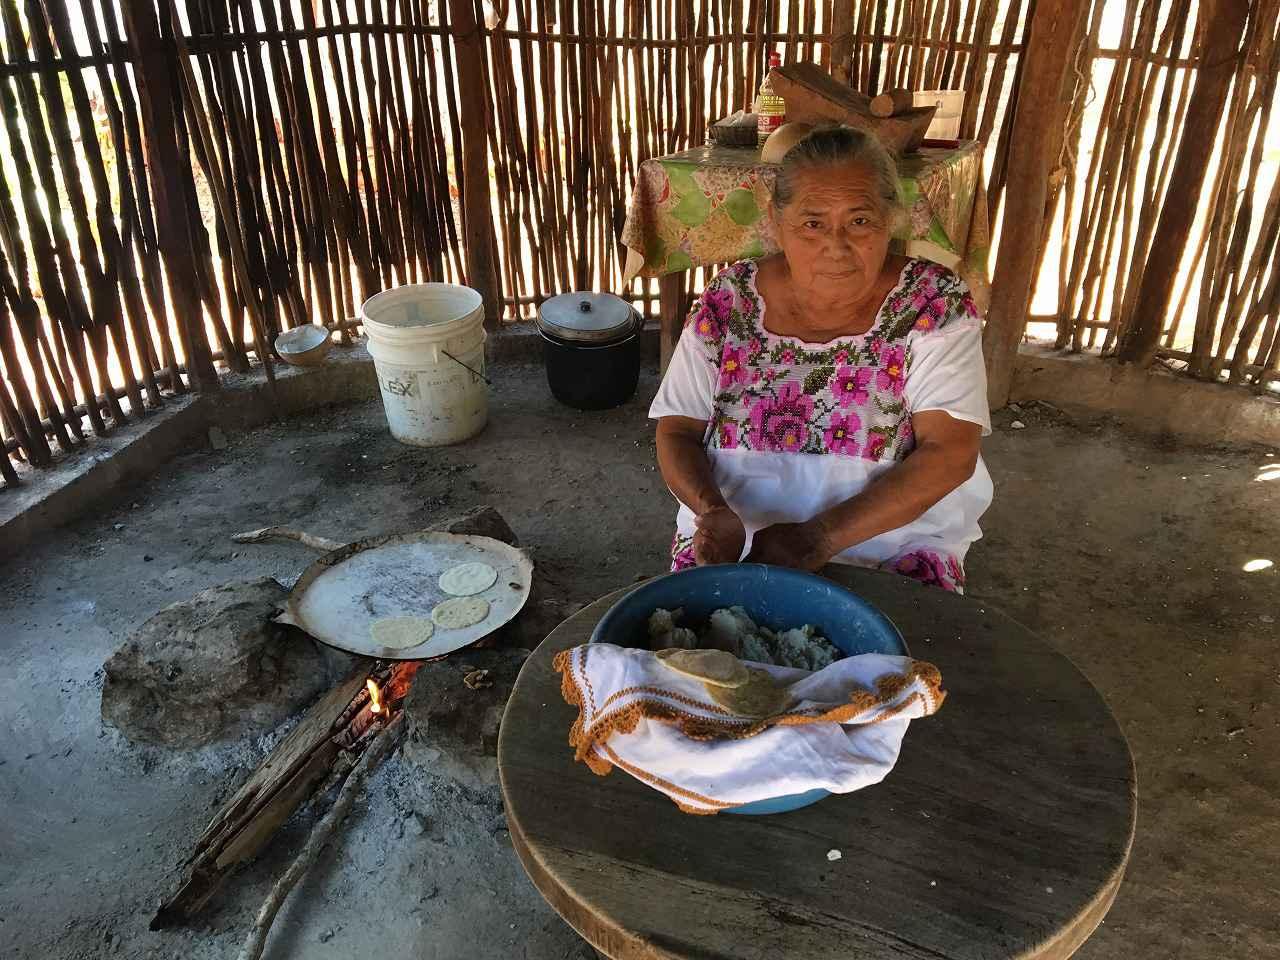 画像: サンタエレナ村マヤ人の一般家庭(イメージ)